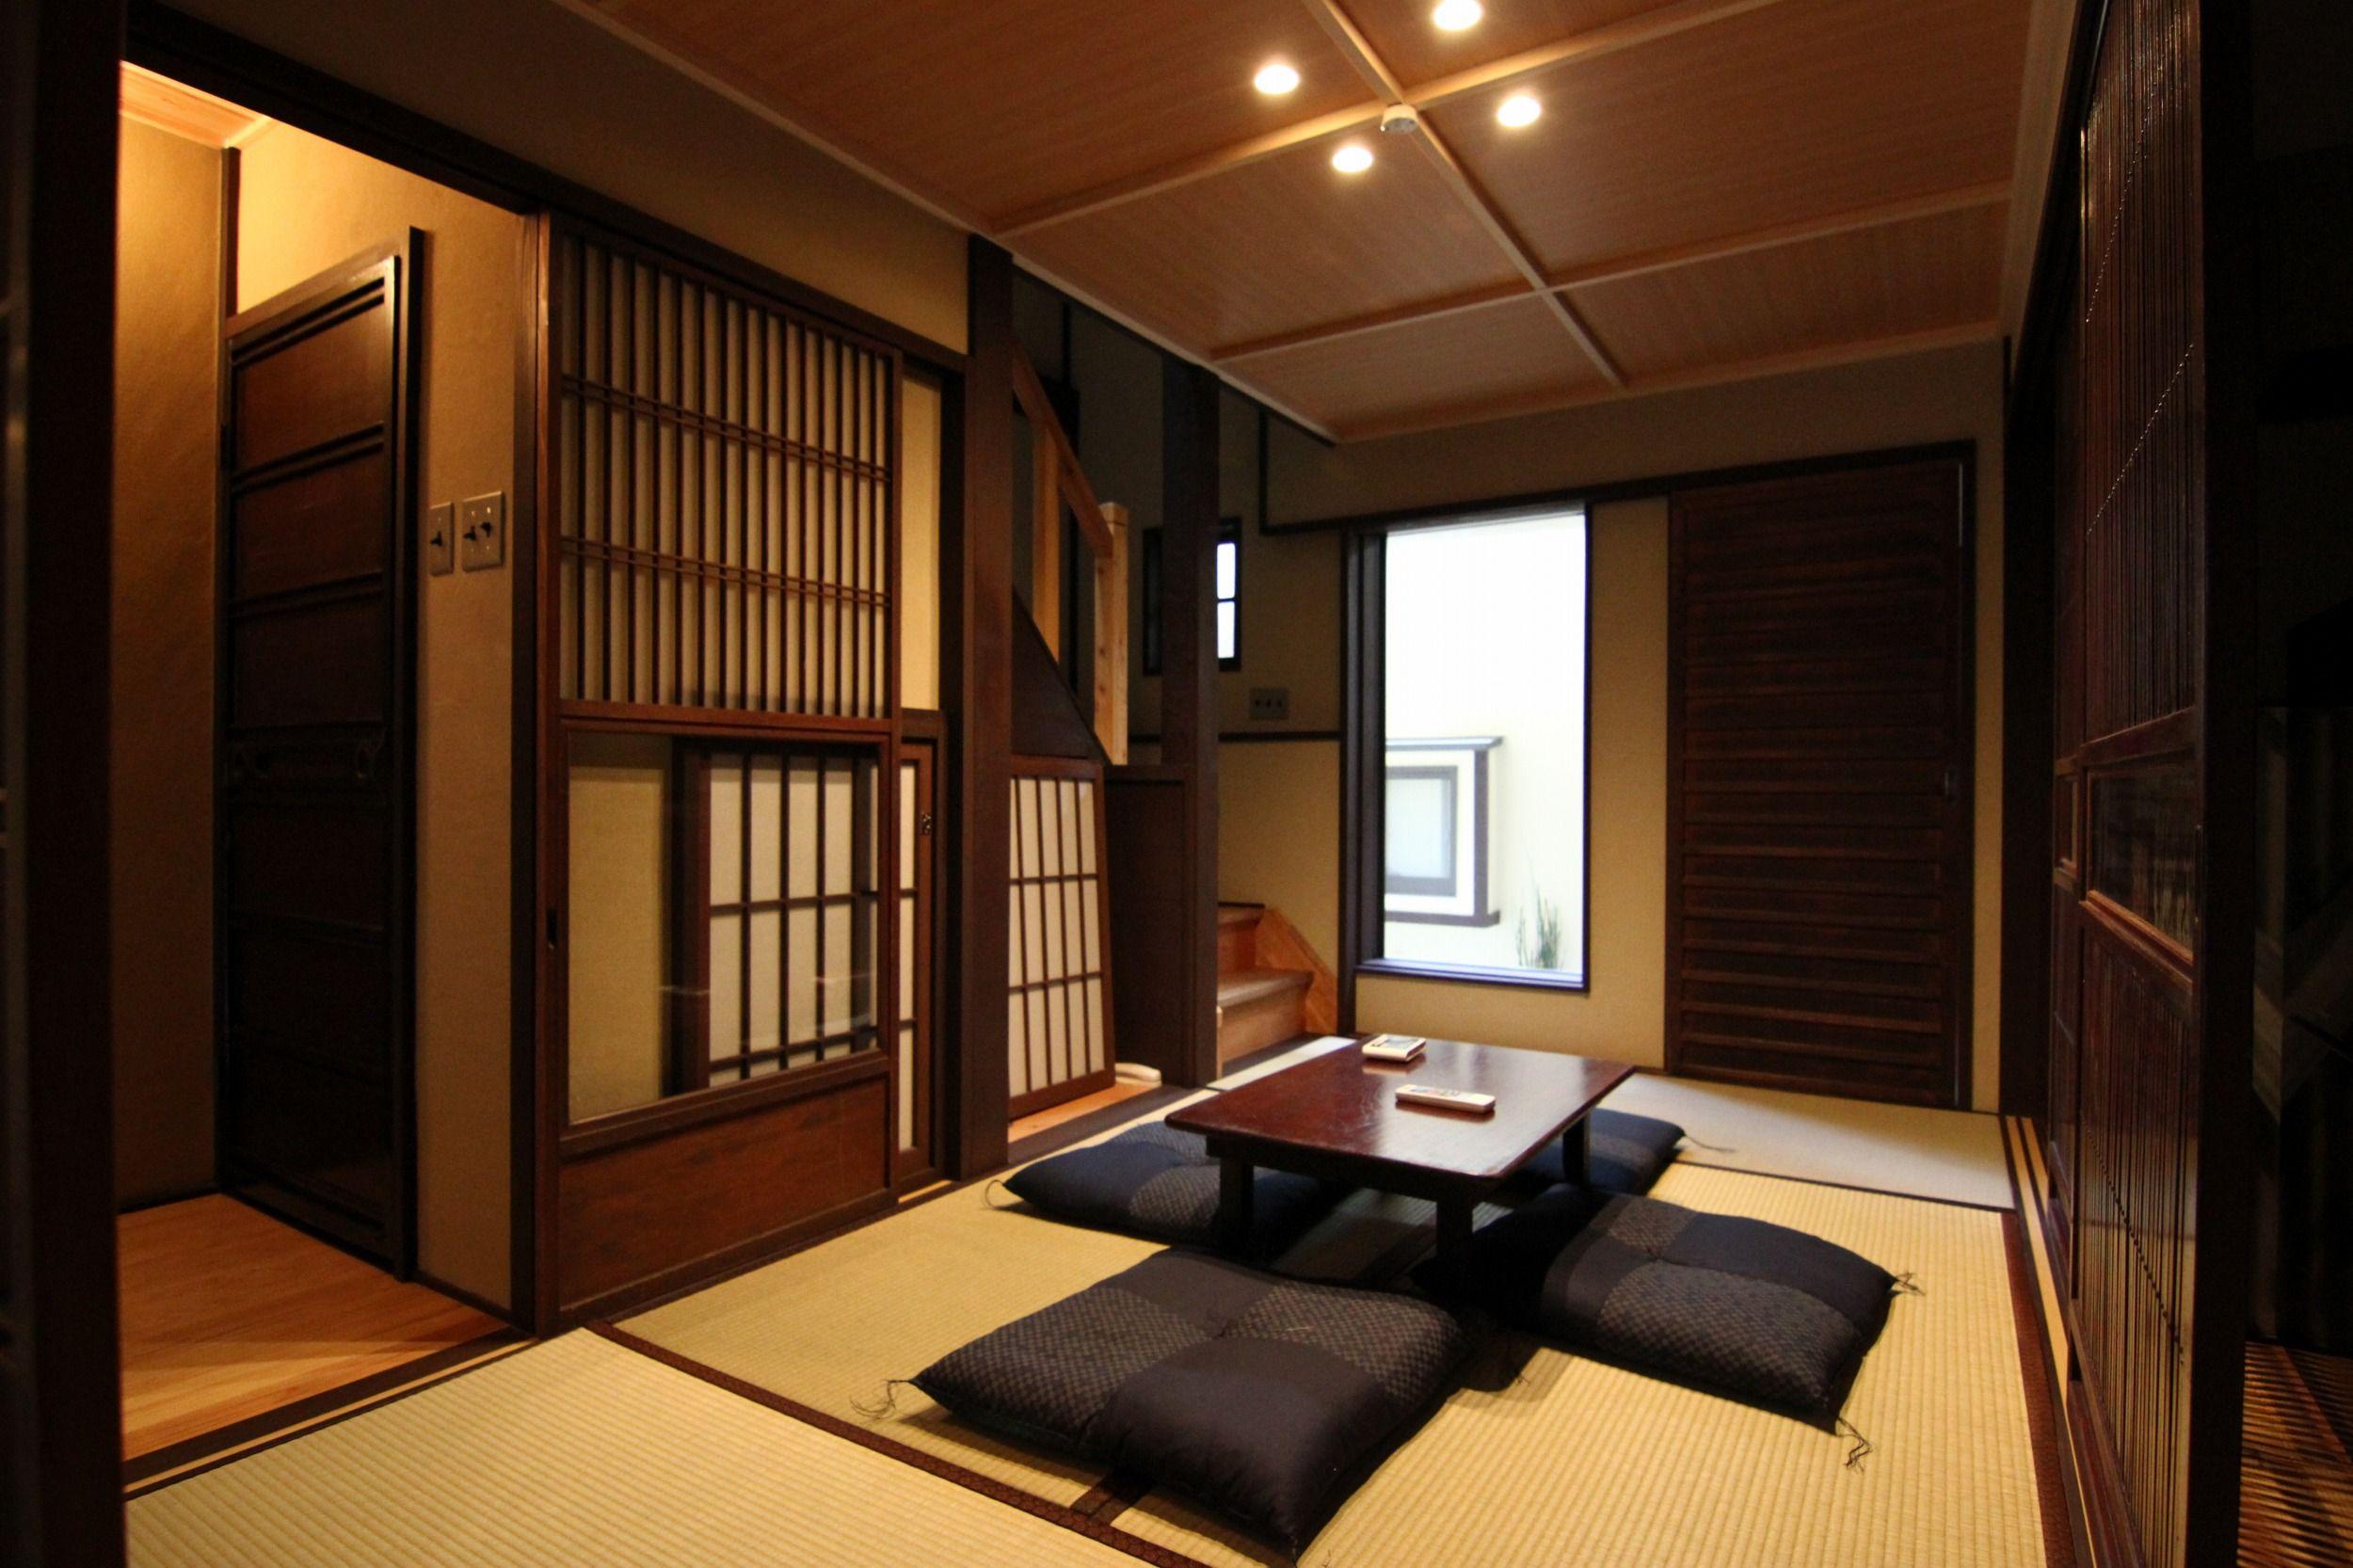 breathtaking japanese living room furniture | Adorable Japanese Living Room Interior and Furniture Ideas ...